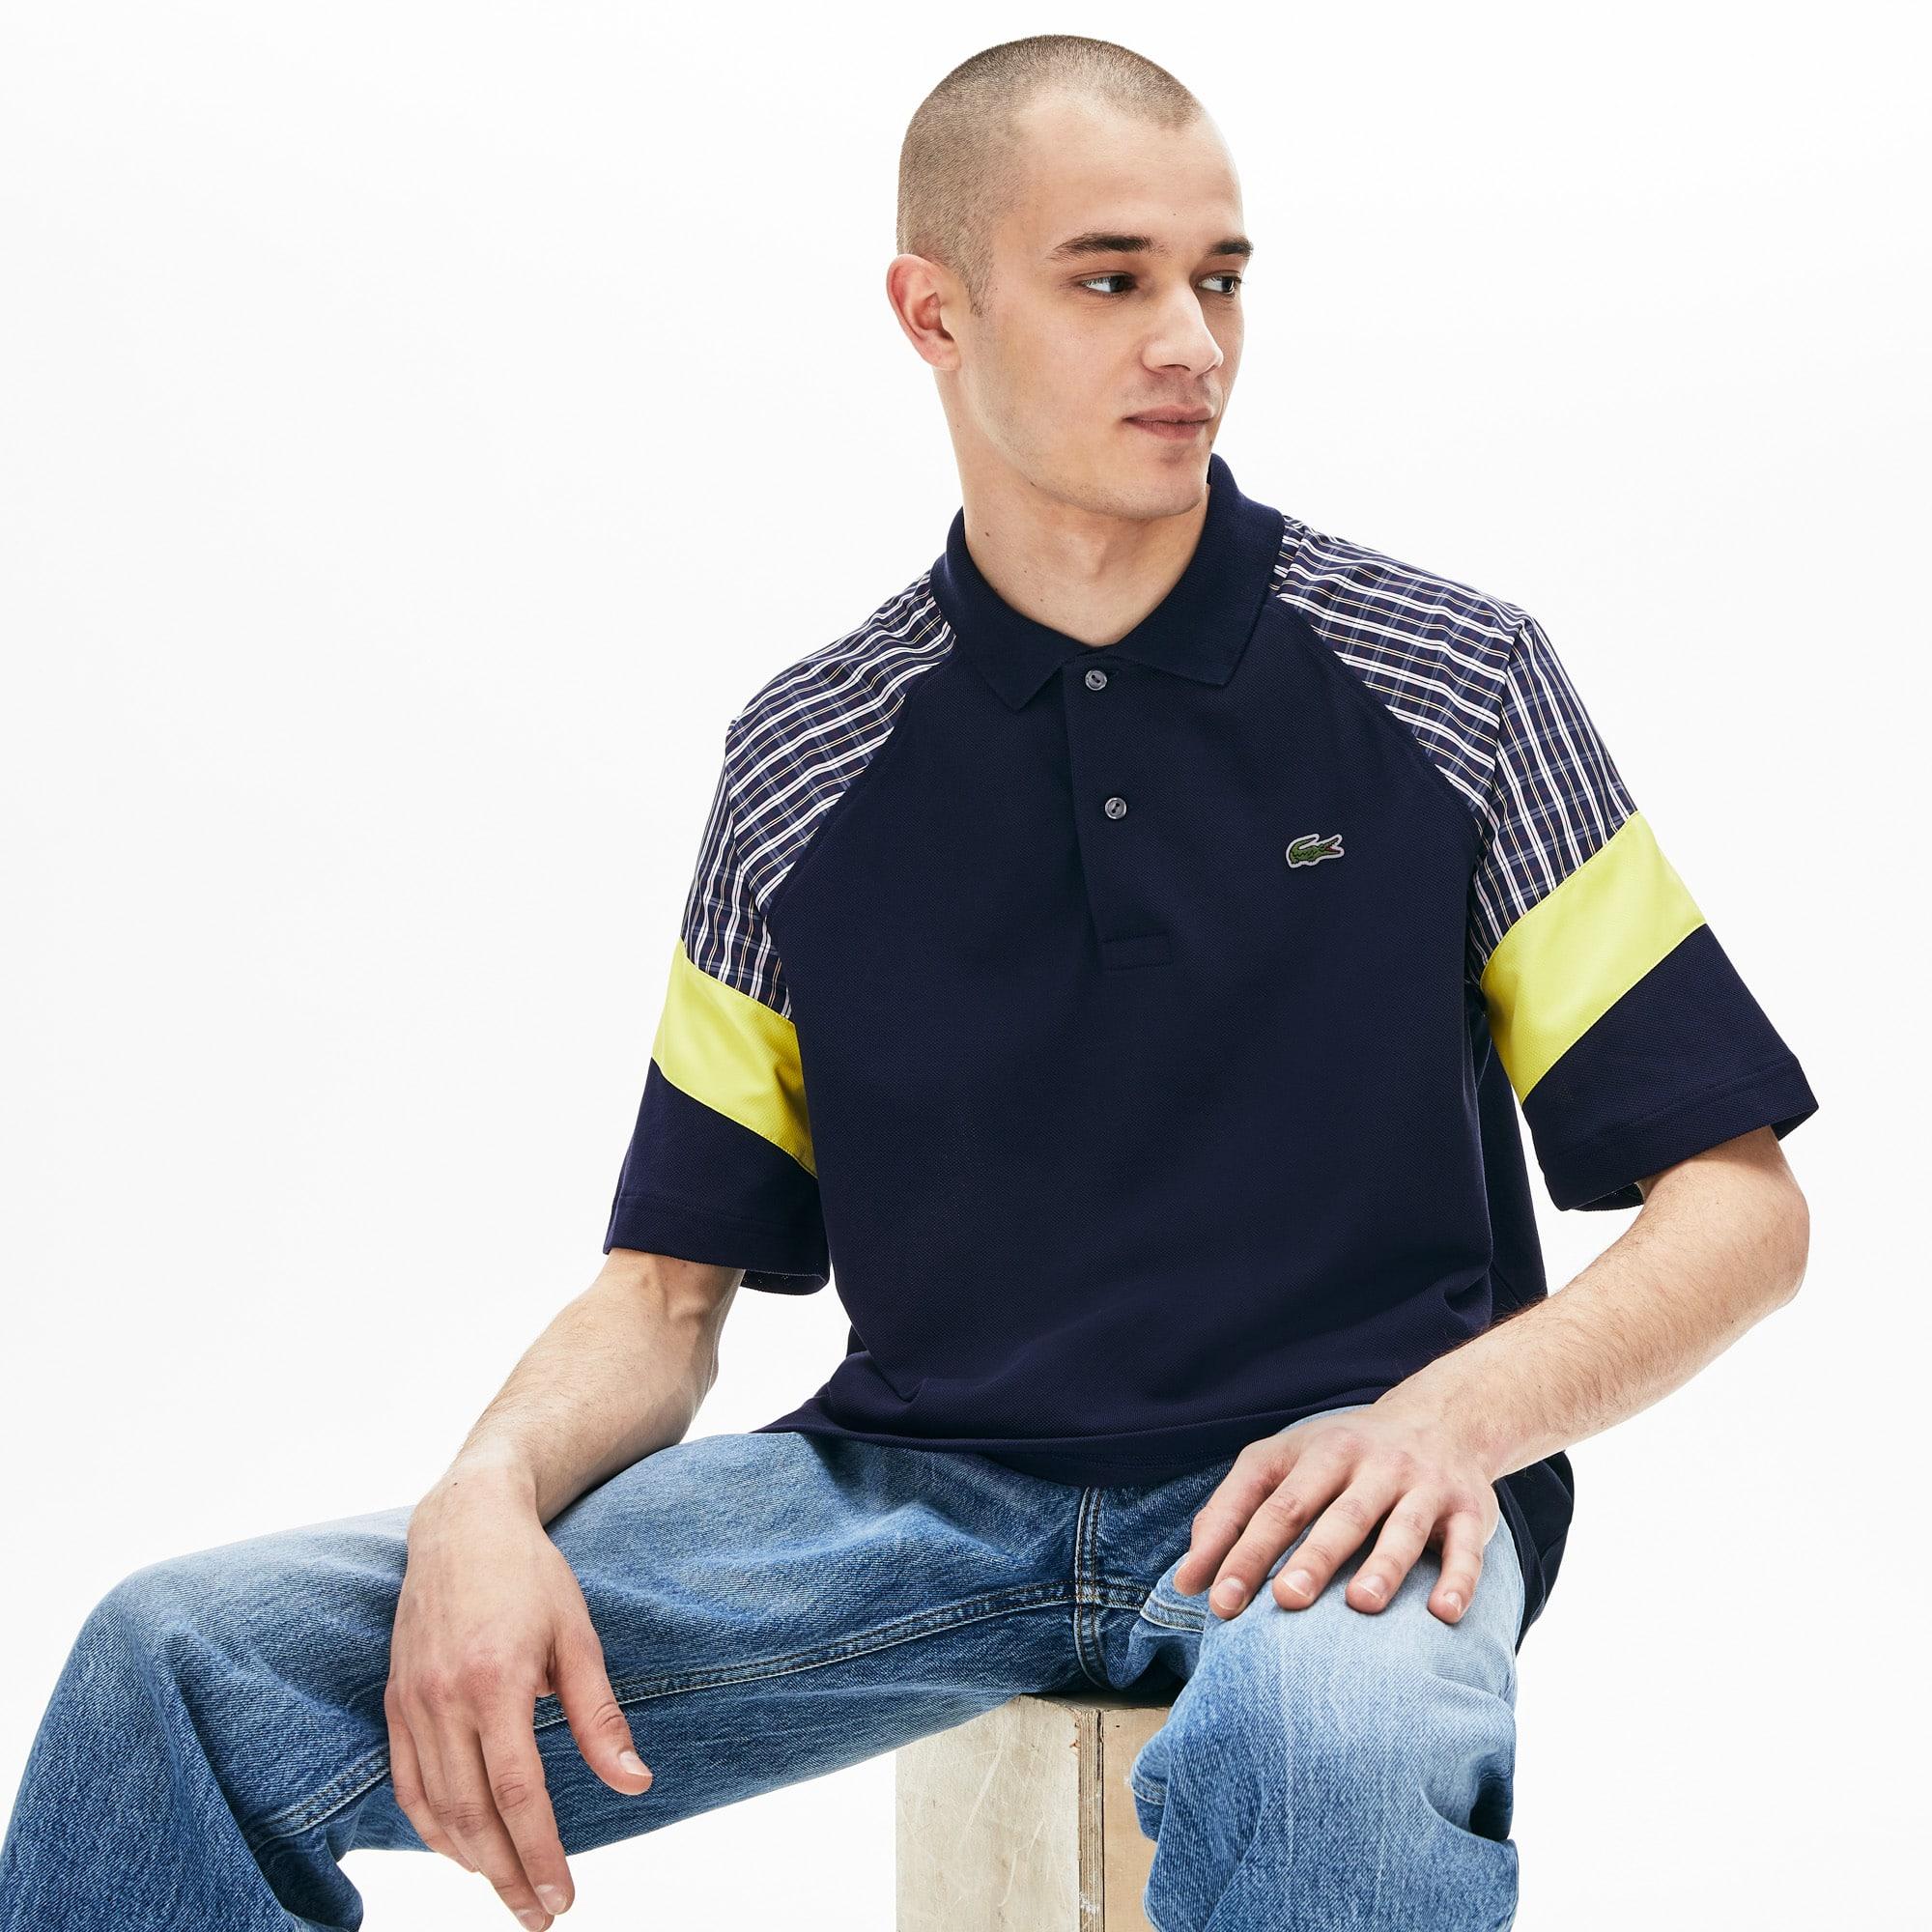 e34bc3c98c Men's Lacoste LIVE Loose Fit Patchwork Petit Piqué Polo Shirt